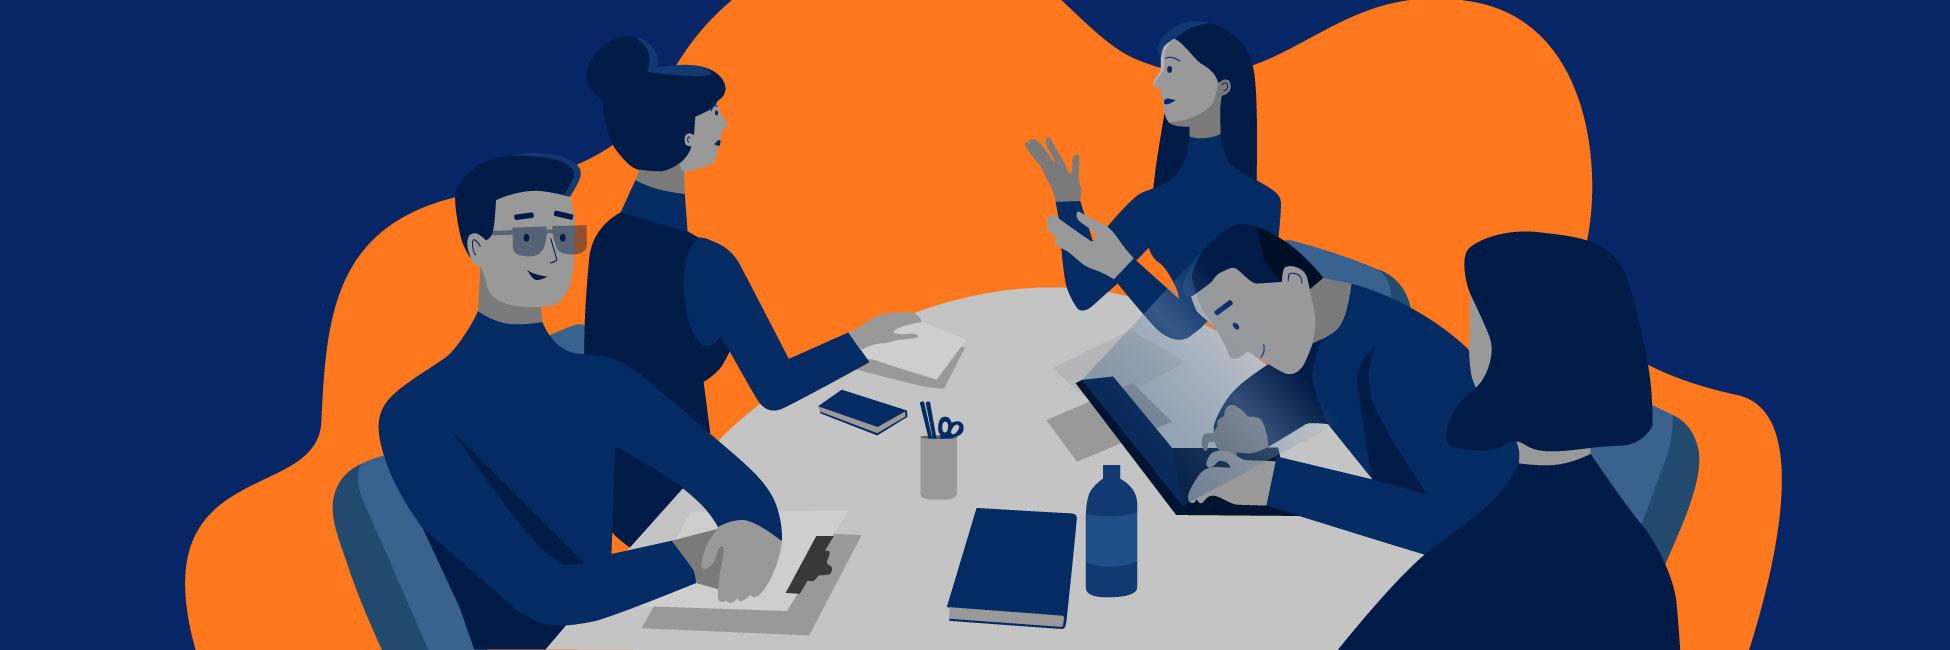 blog 4 ideas para mejorar co-creación